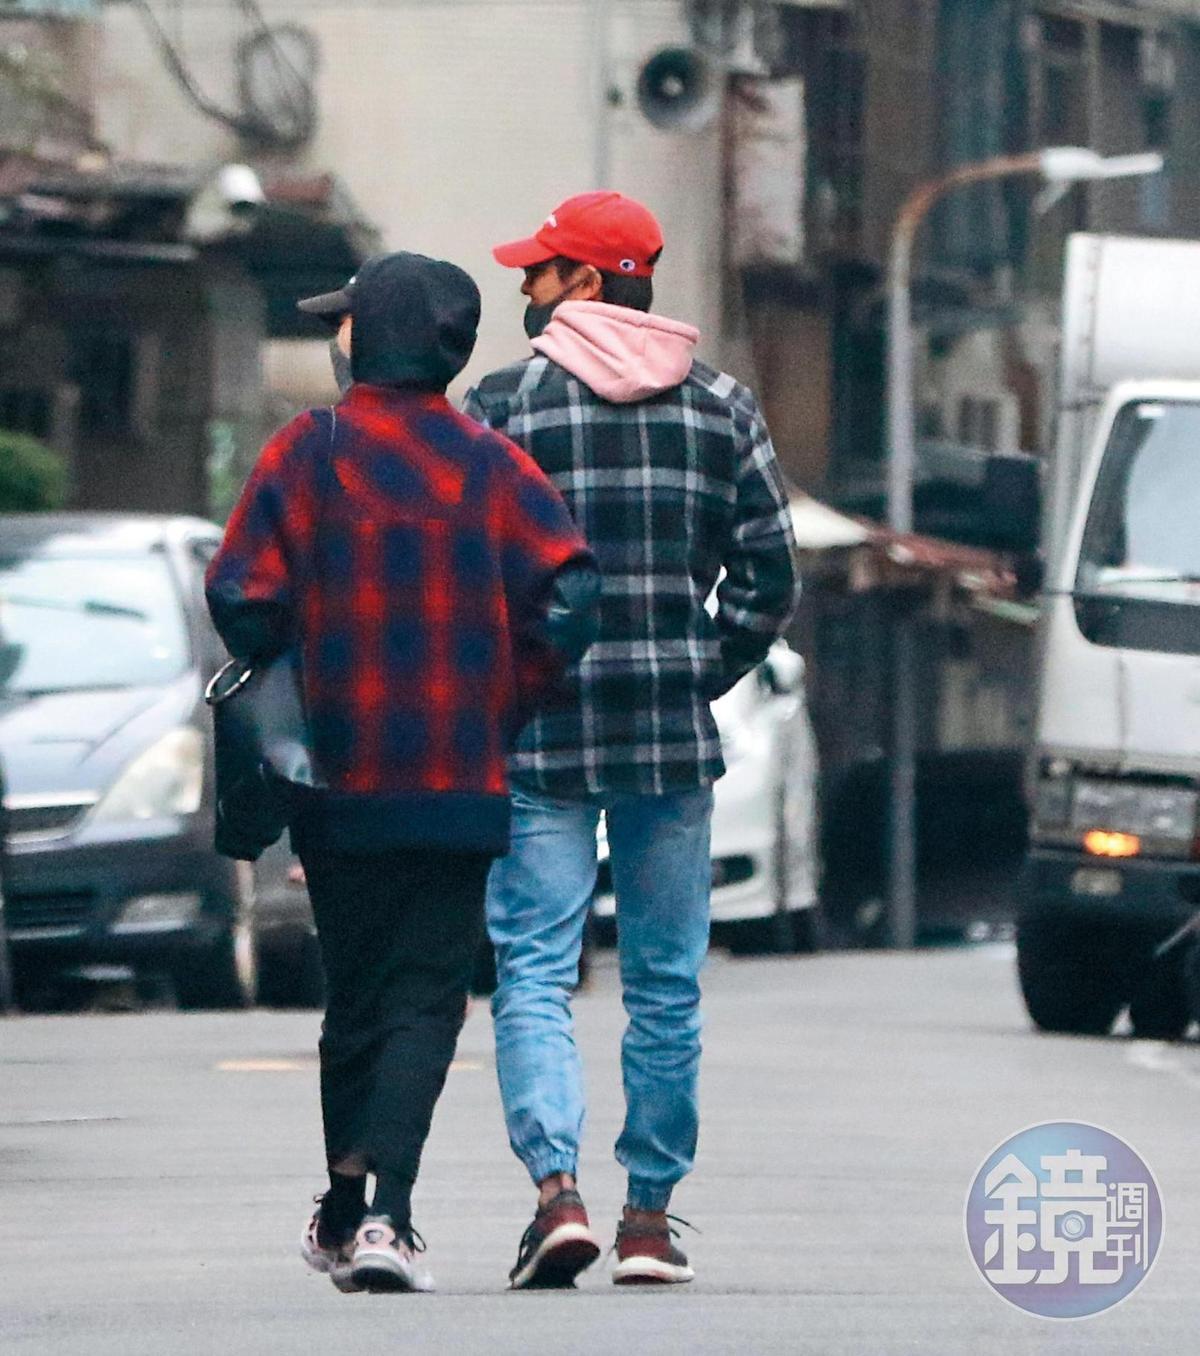 1月26日15:17,郭雪芙跟孫其君穿著格子情侶衫,漫步在台北街頭。